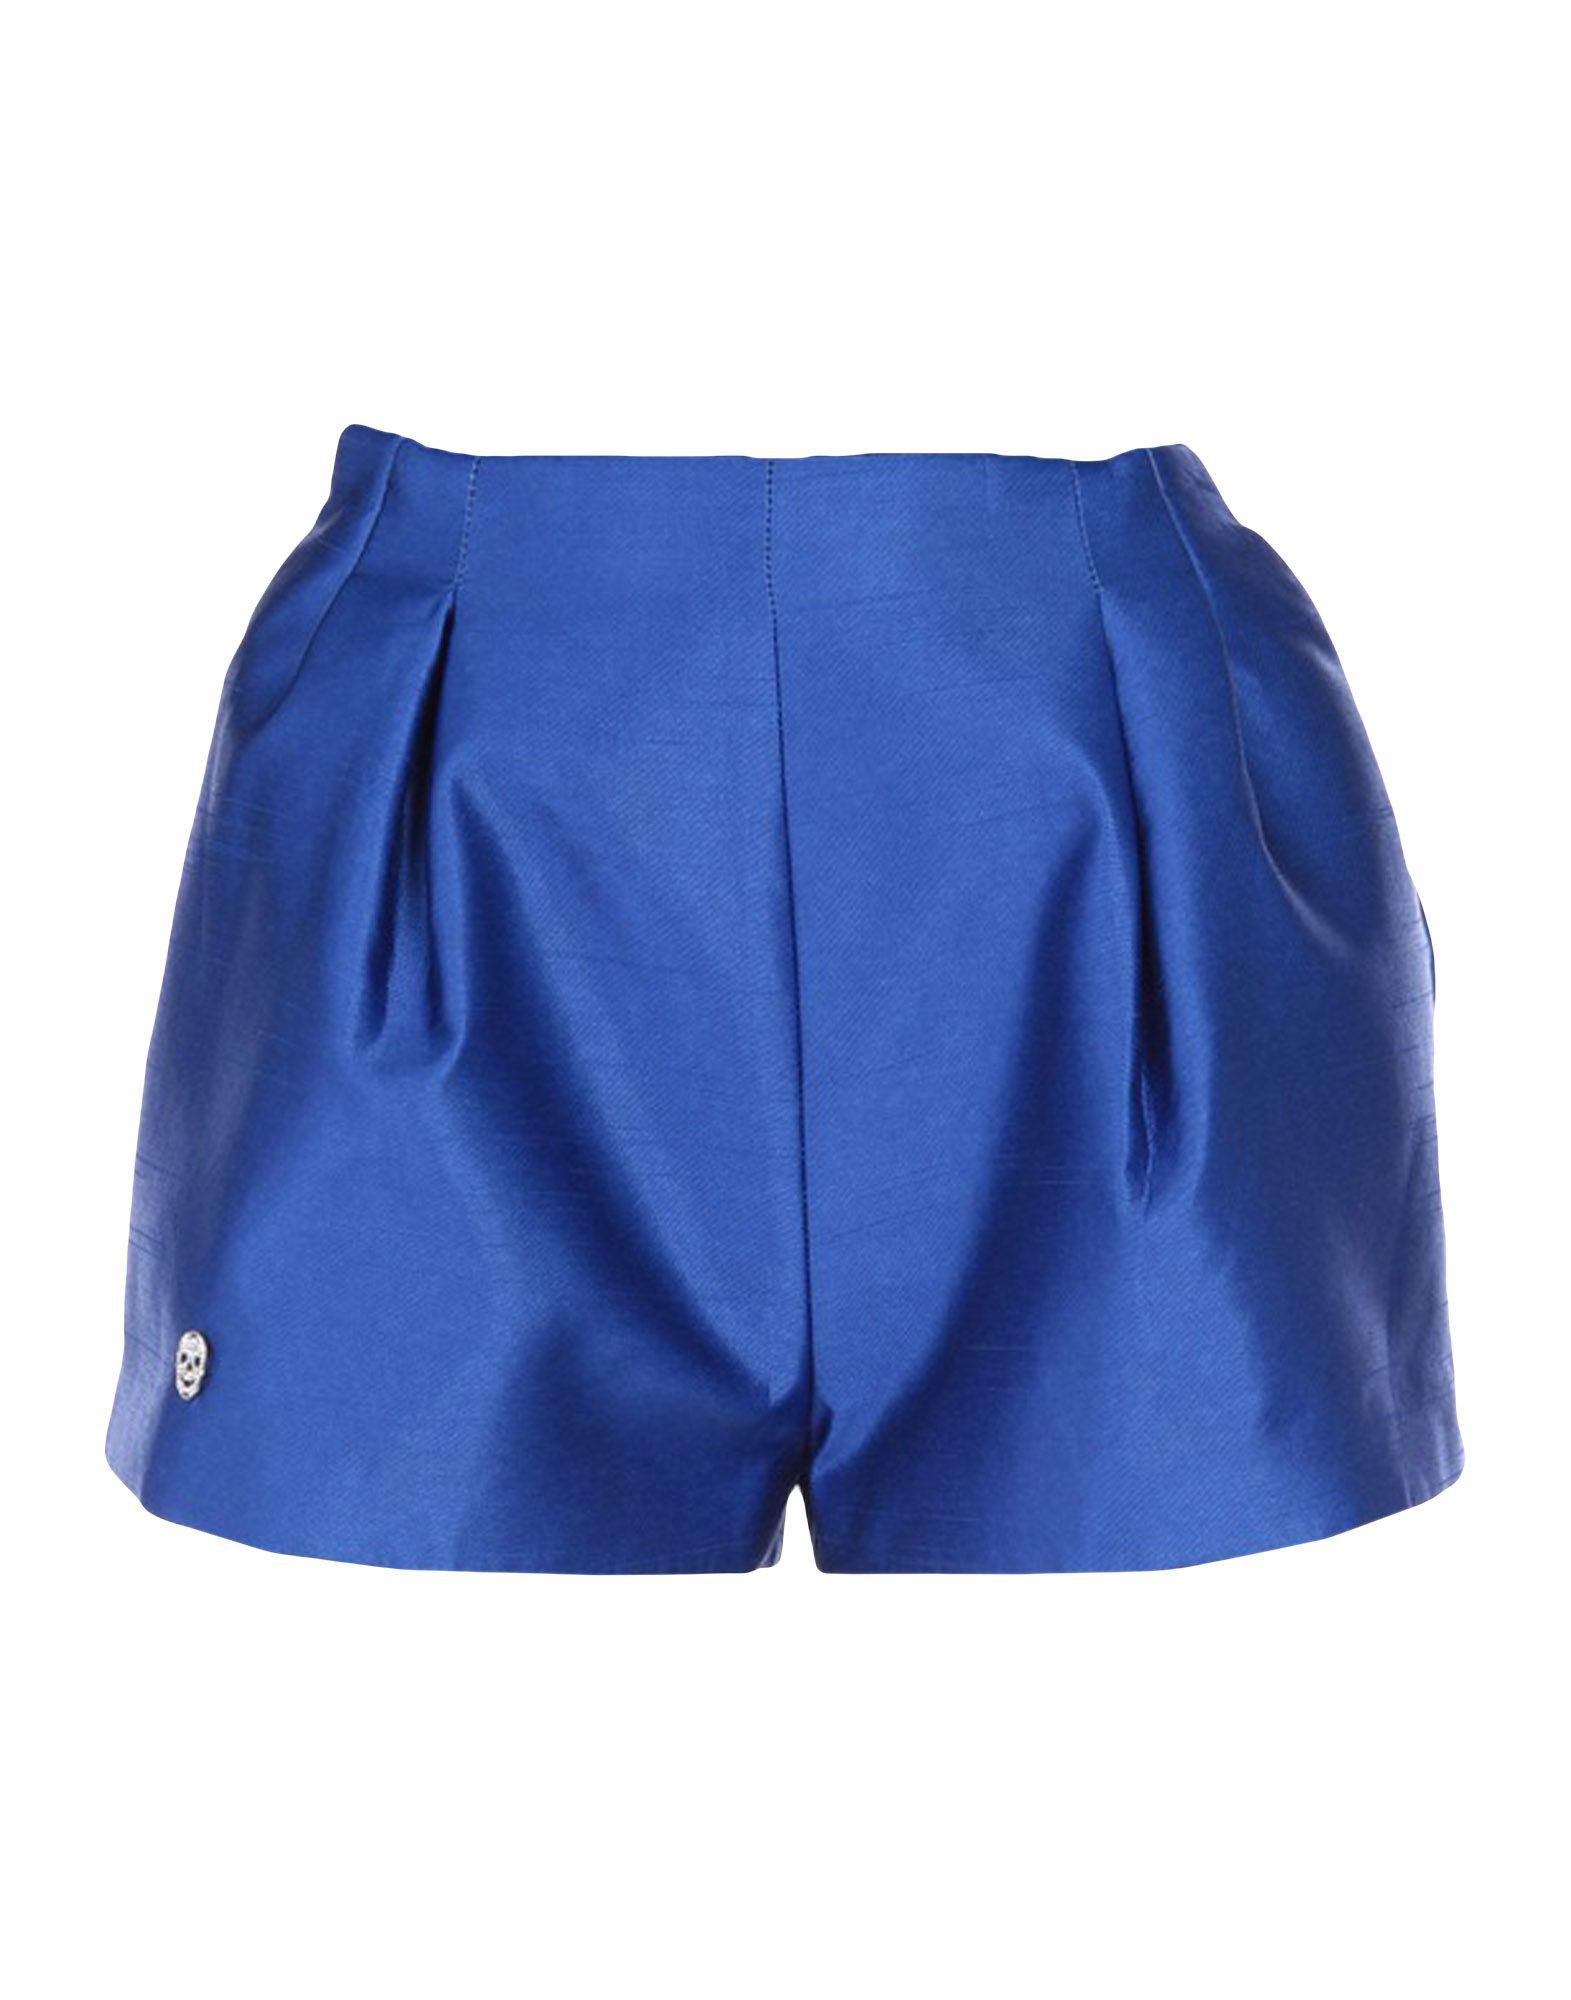 PHILIPP PLEIN Повседневные шорты шорты philipp plein цвет синий